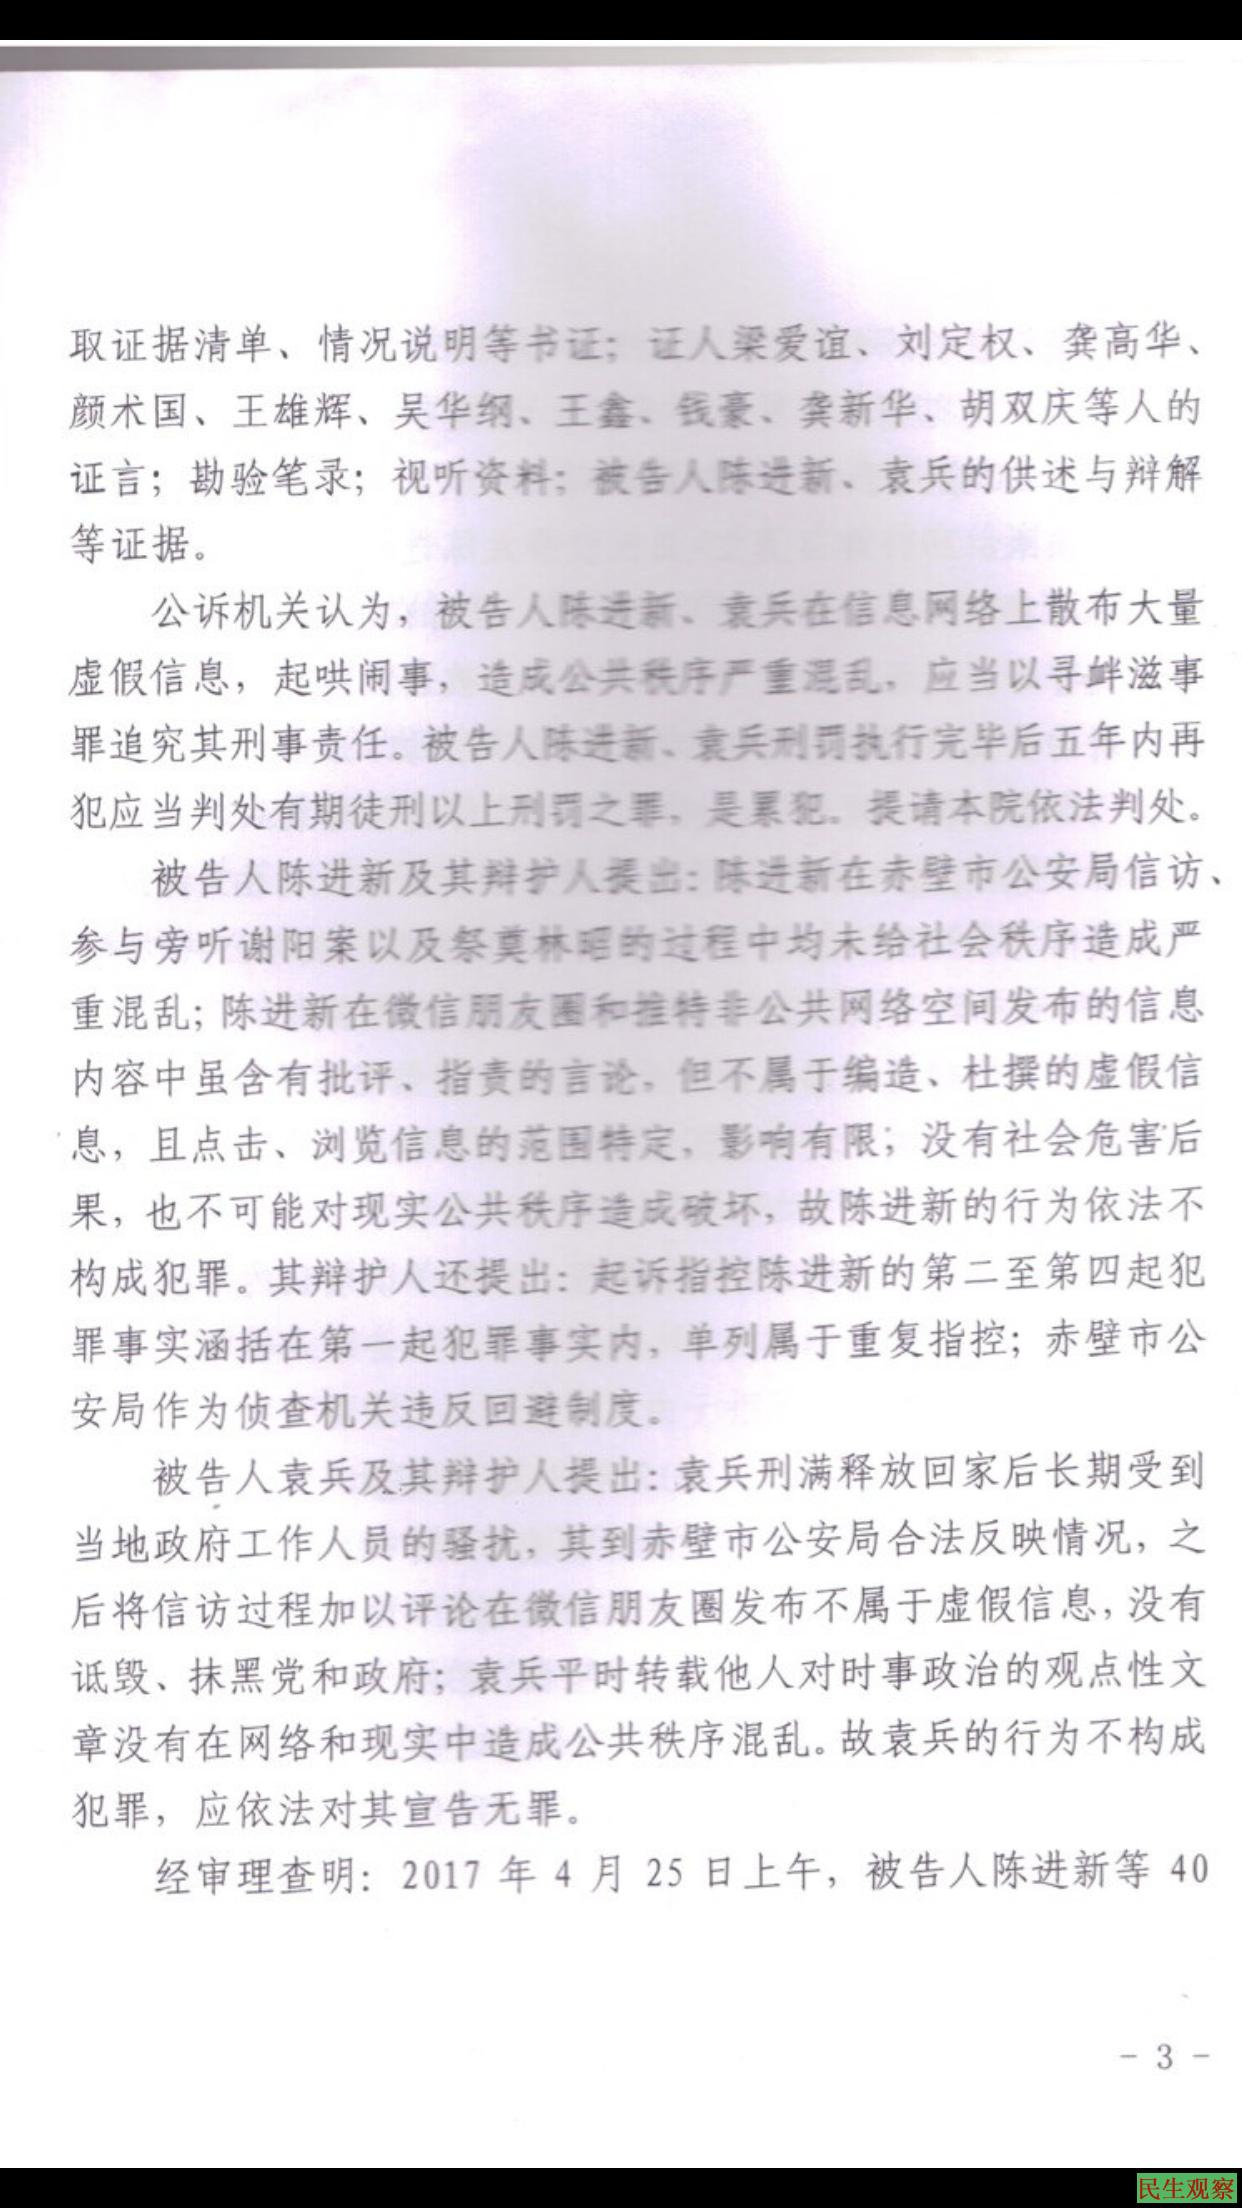 陈进新又名陈建雄寻衅滋事罪判处3年6个月有期徒刑